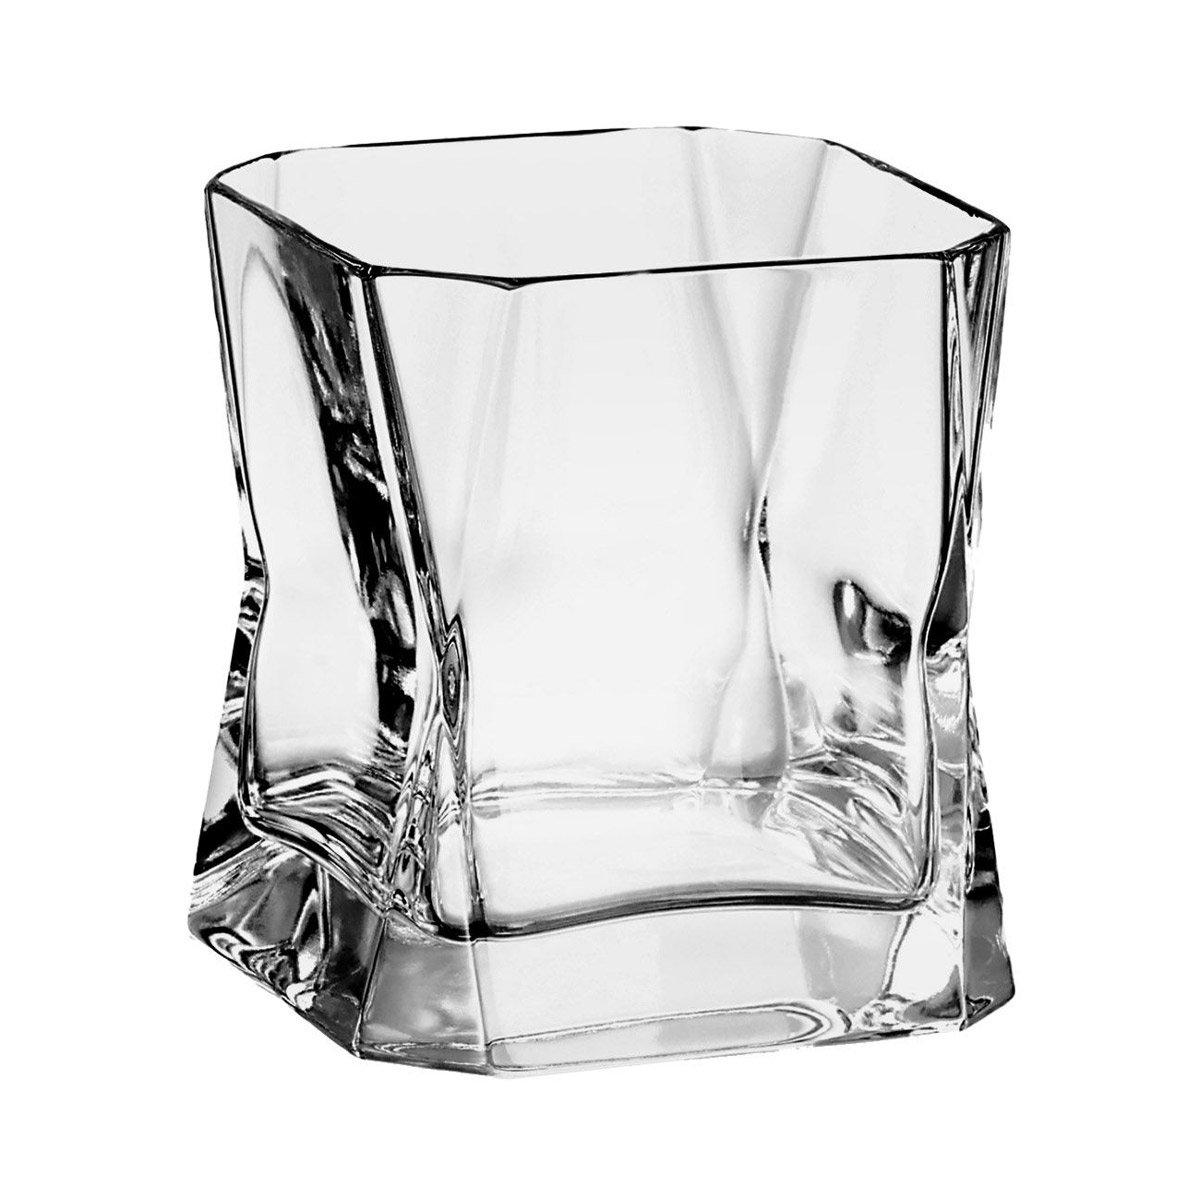 Blade Runner Whiskey Glass The Green Head